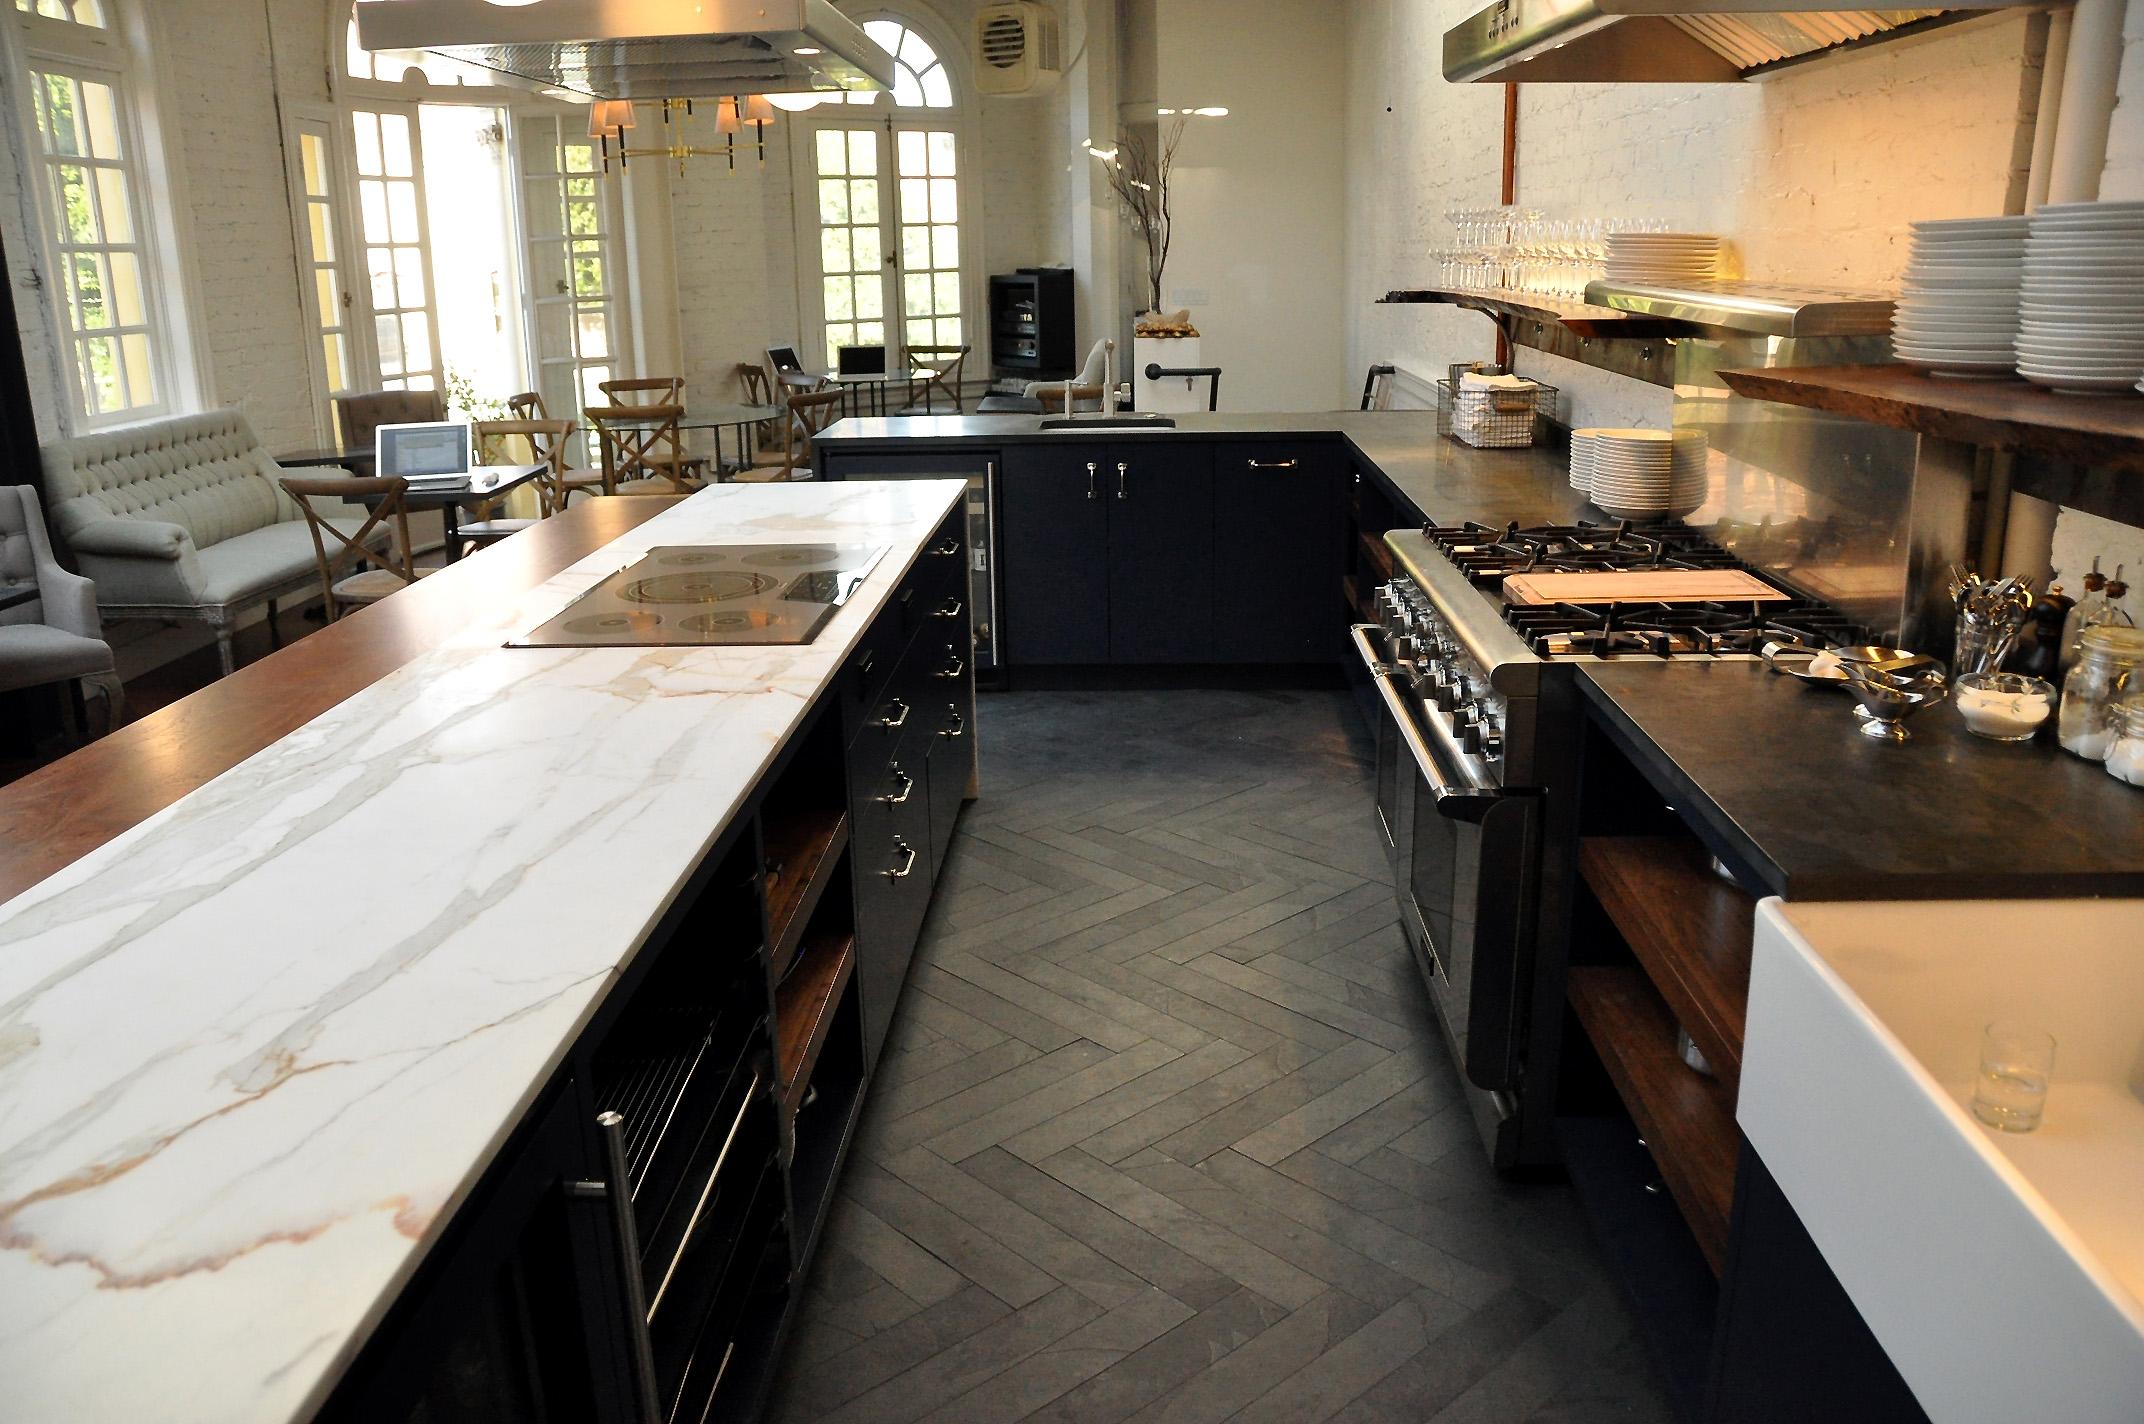 Kitchen Cabinets, Light or Dark?